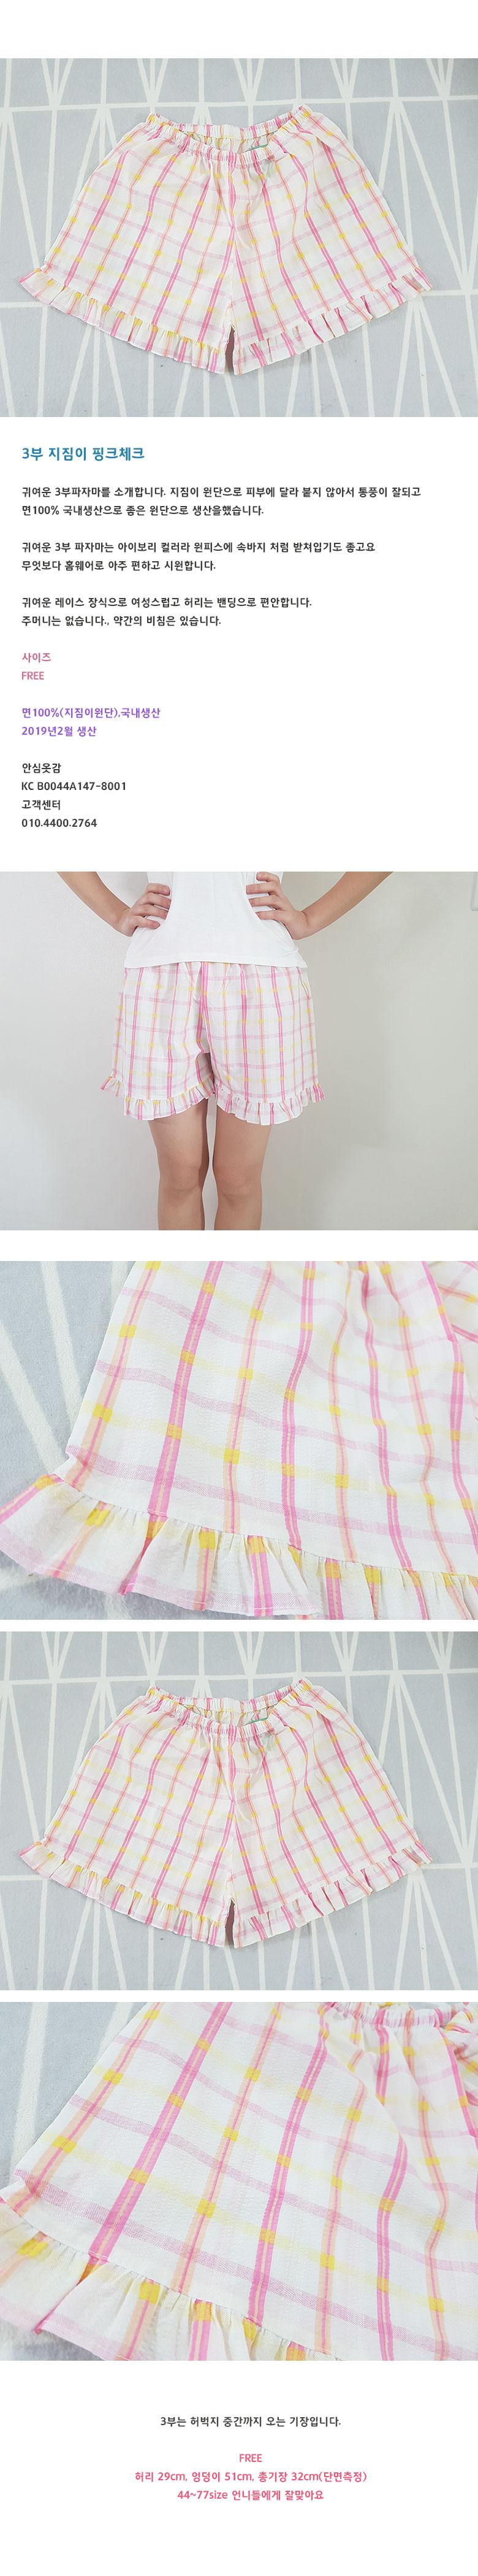 100390 여자파자마 3부반바지 여름잠옷 잠옷반바지 면100% - 혀니미니, 6,200원, 잠옷, 여성파자마